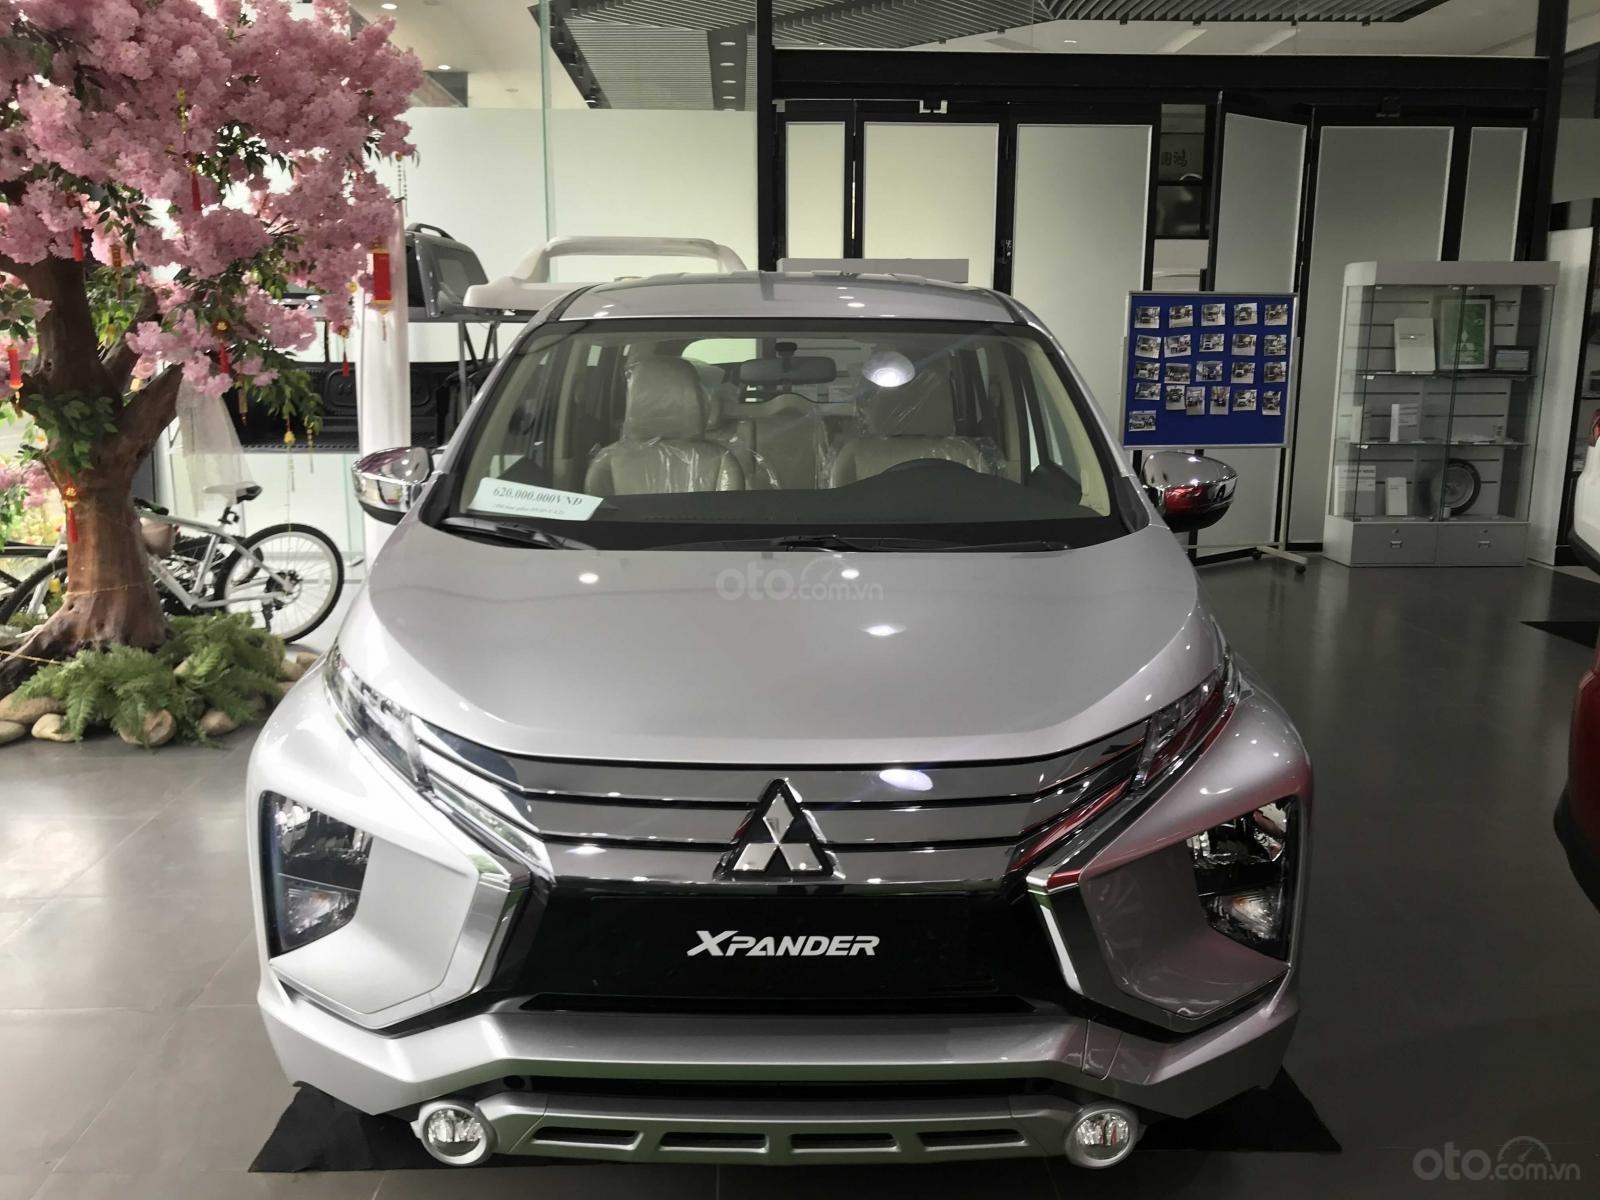 Bán xe Mitsubishi Xpander sản xuất 2019, màu bạc nhập khẩu giá 620 triệu tại Hà Nam. Hotline 0968.088.068 (2)